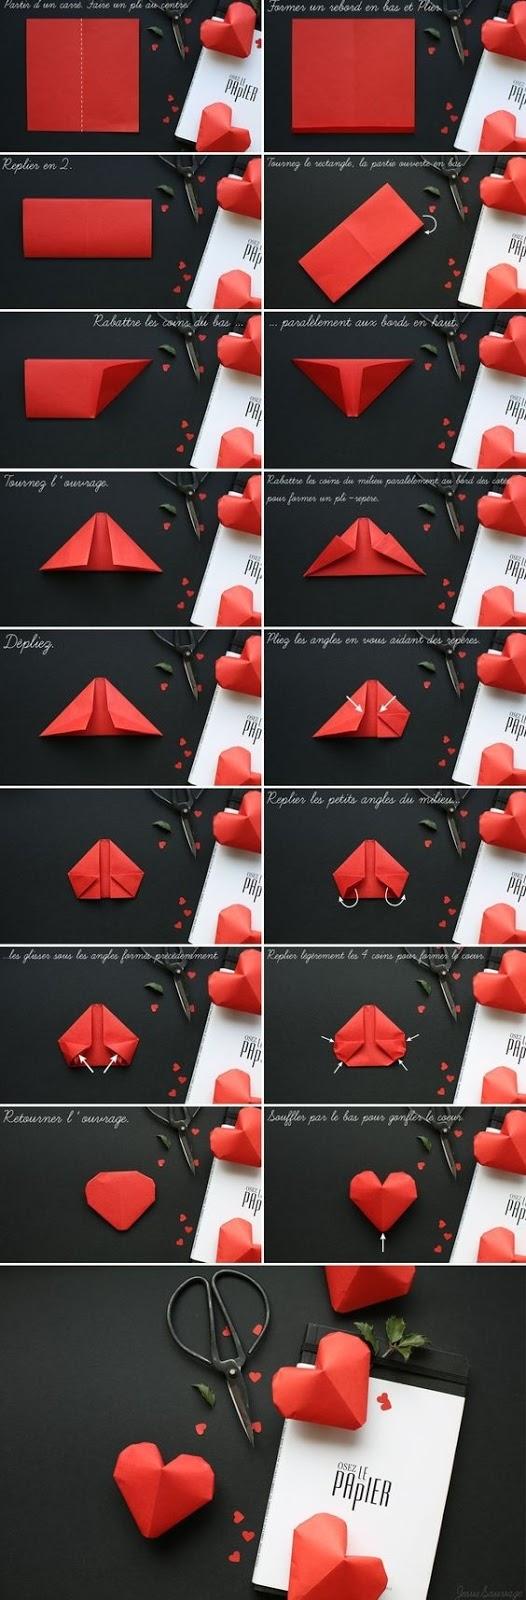 Sevgililer günü yaklaşırken sizde sevgilinize bu kalplerle hoş süprizler yapabilirsiniz. Kağıt kıvırma sanatı ile yapılan bu kalpler oldukça güze.